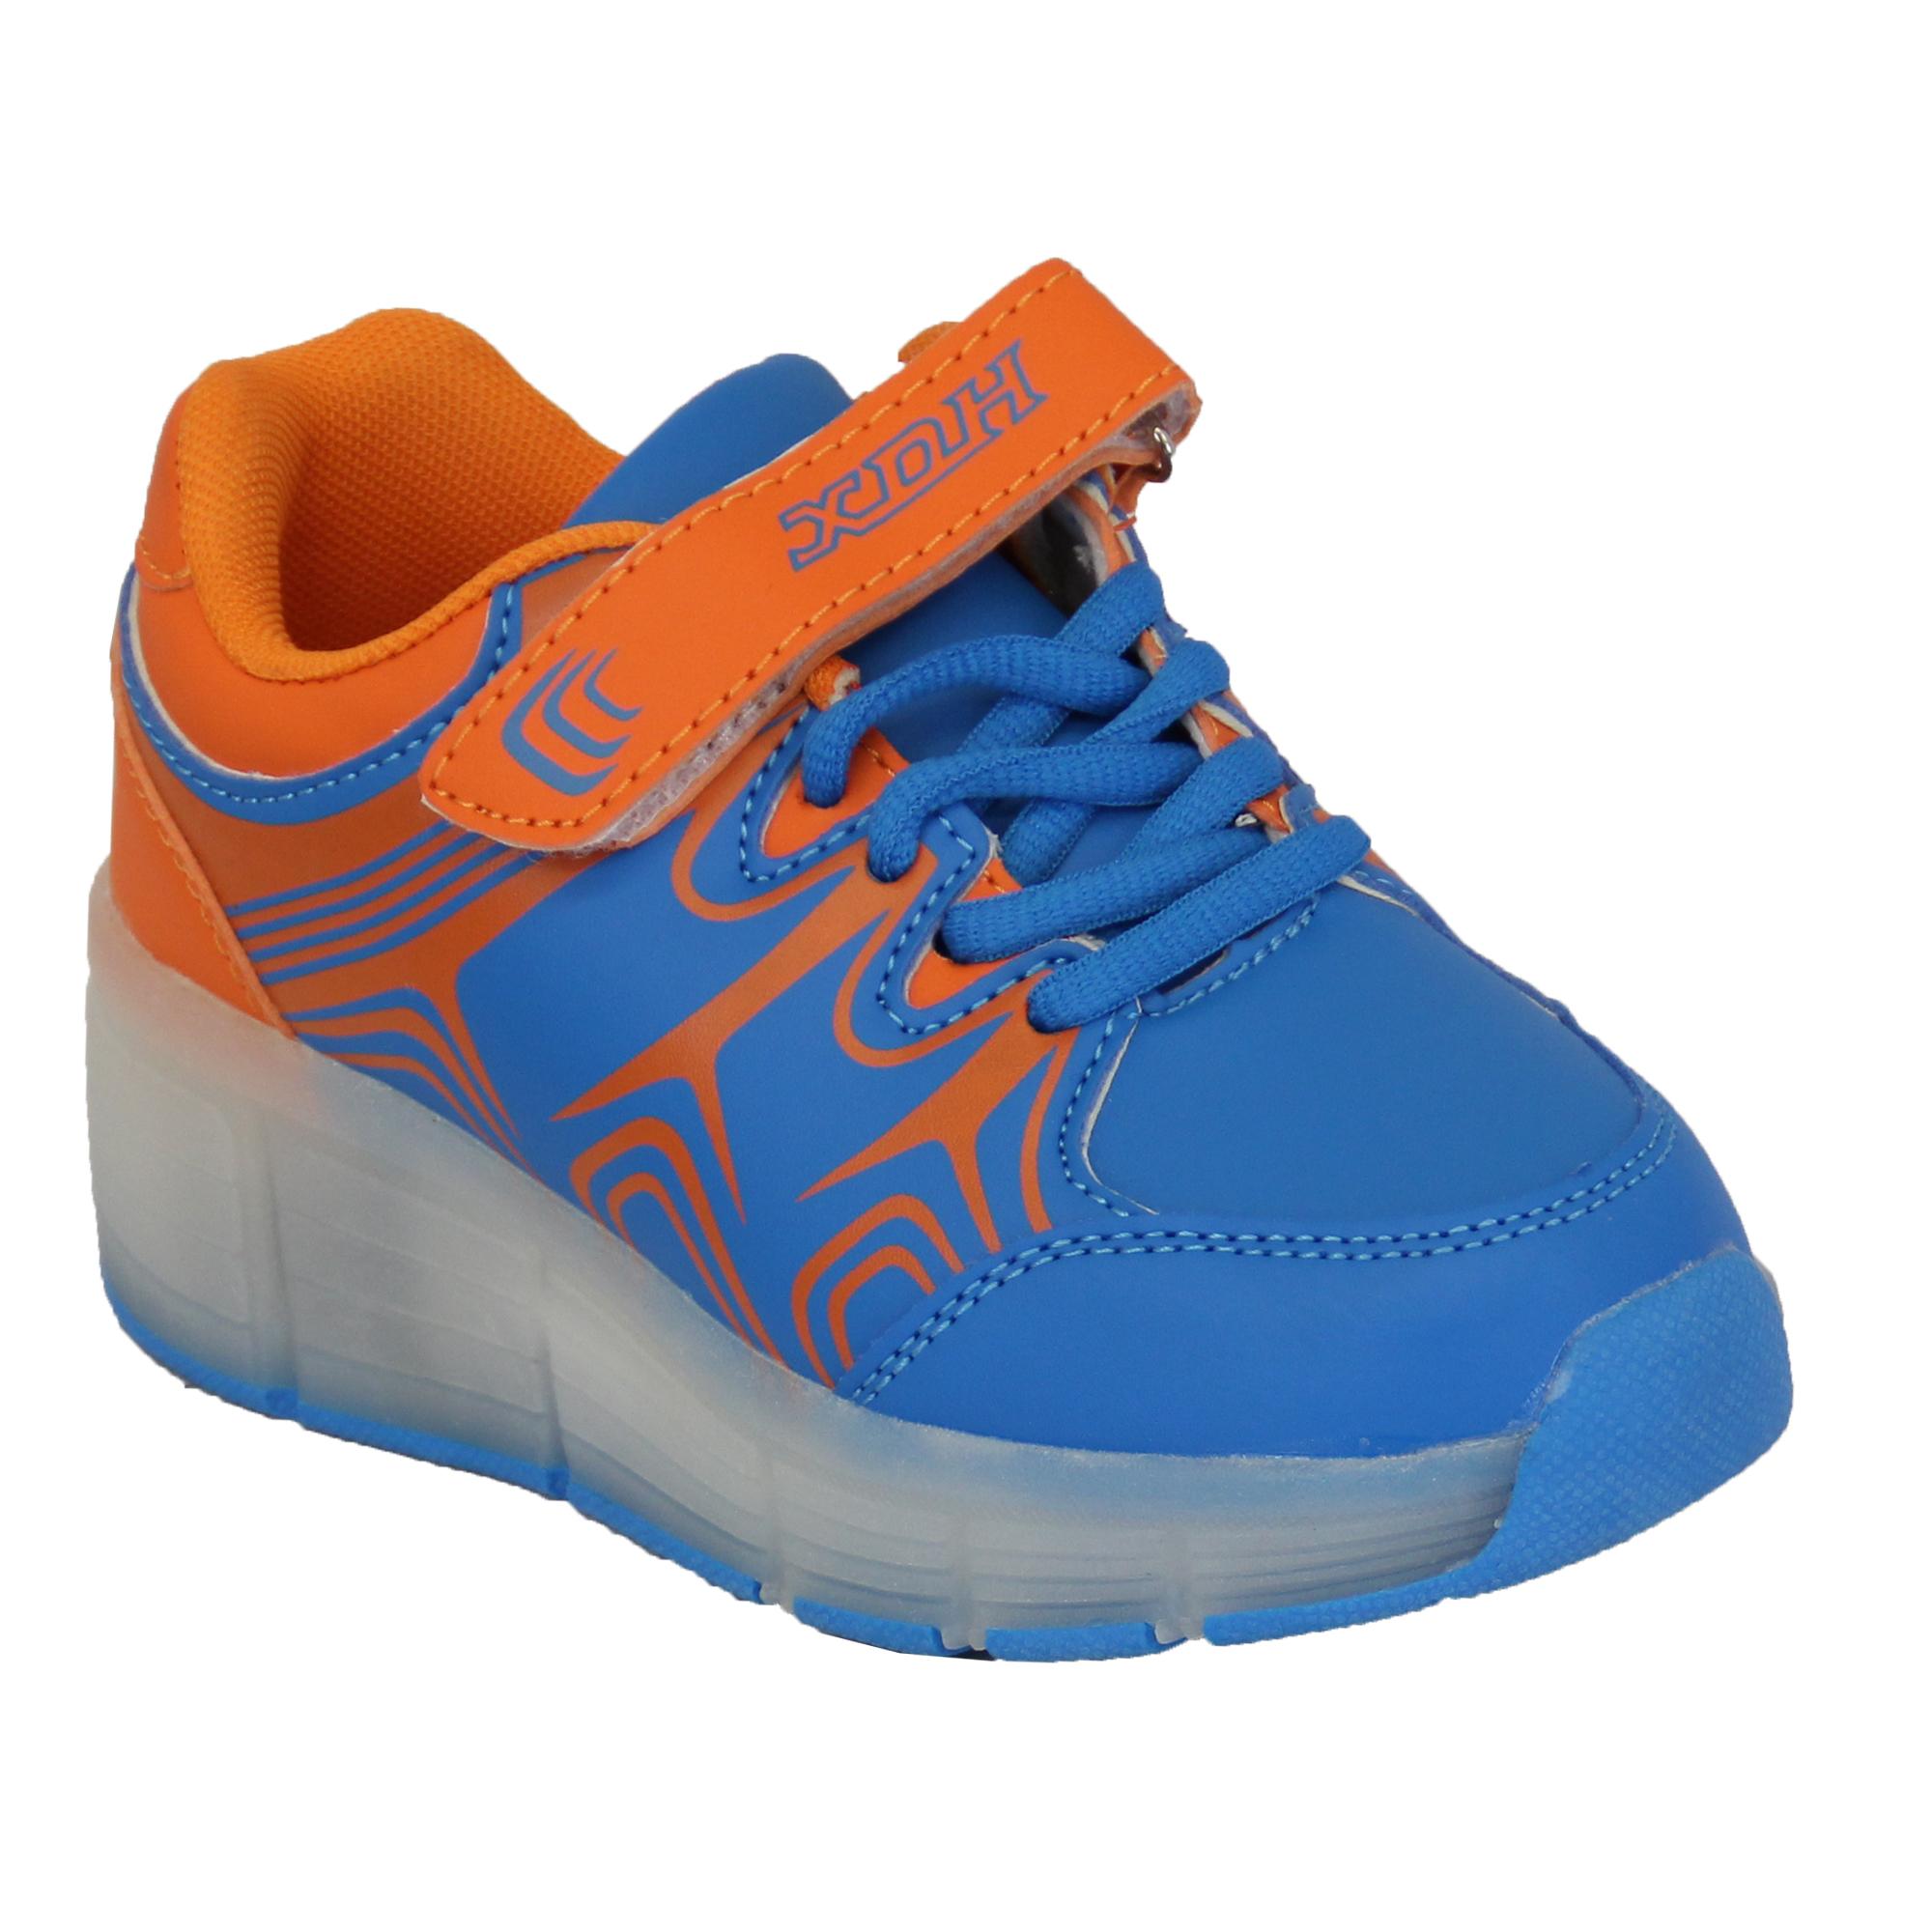 Light Up Skate Shoes Uk